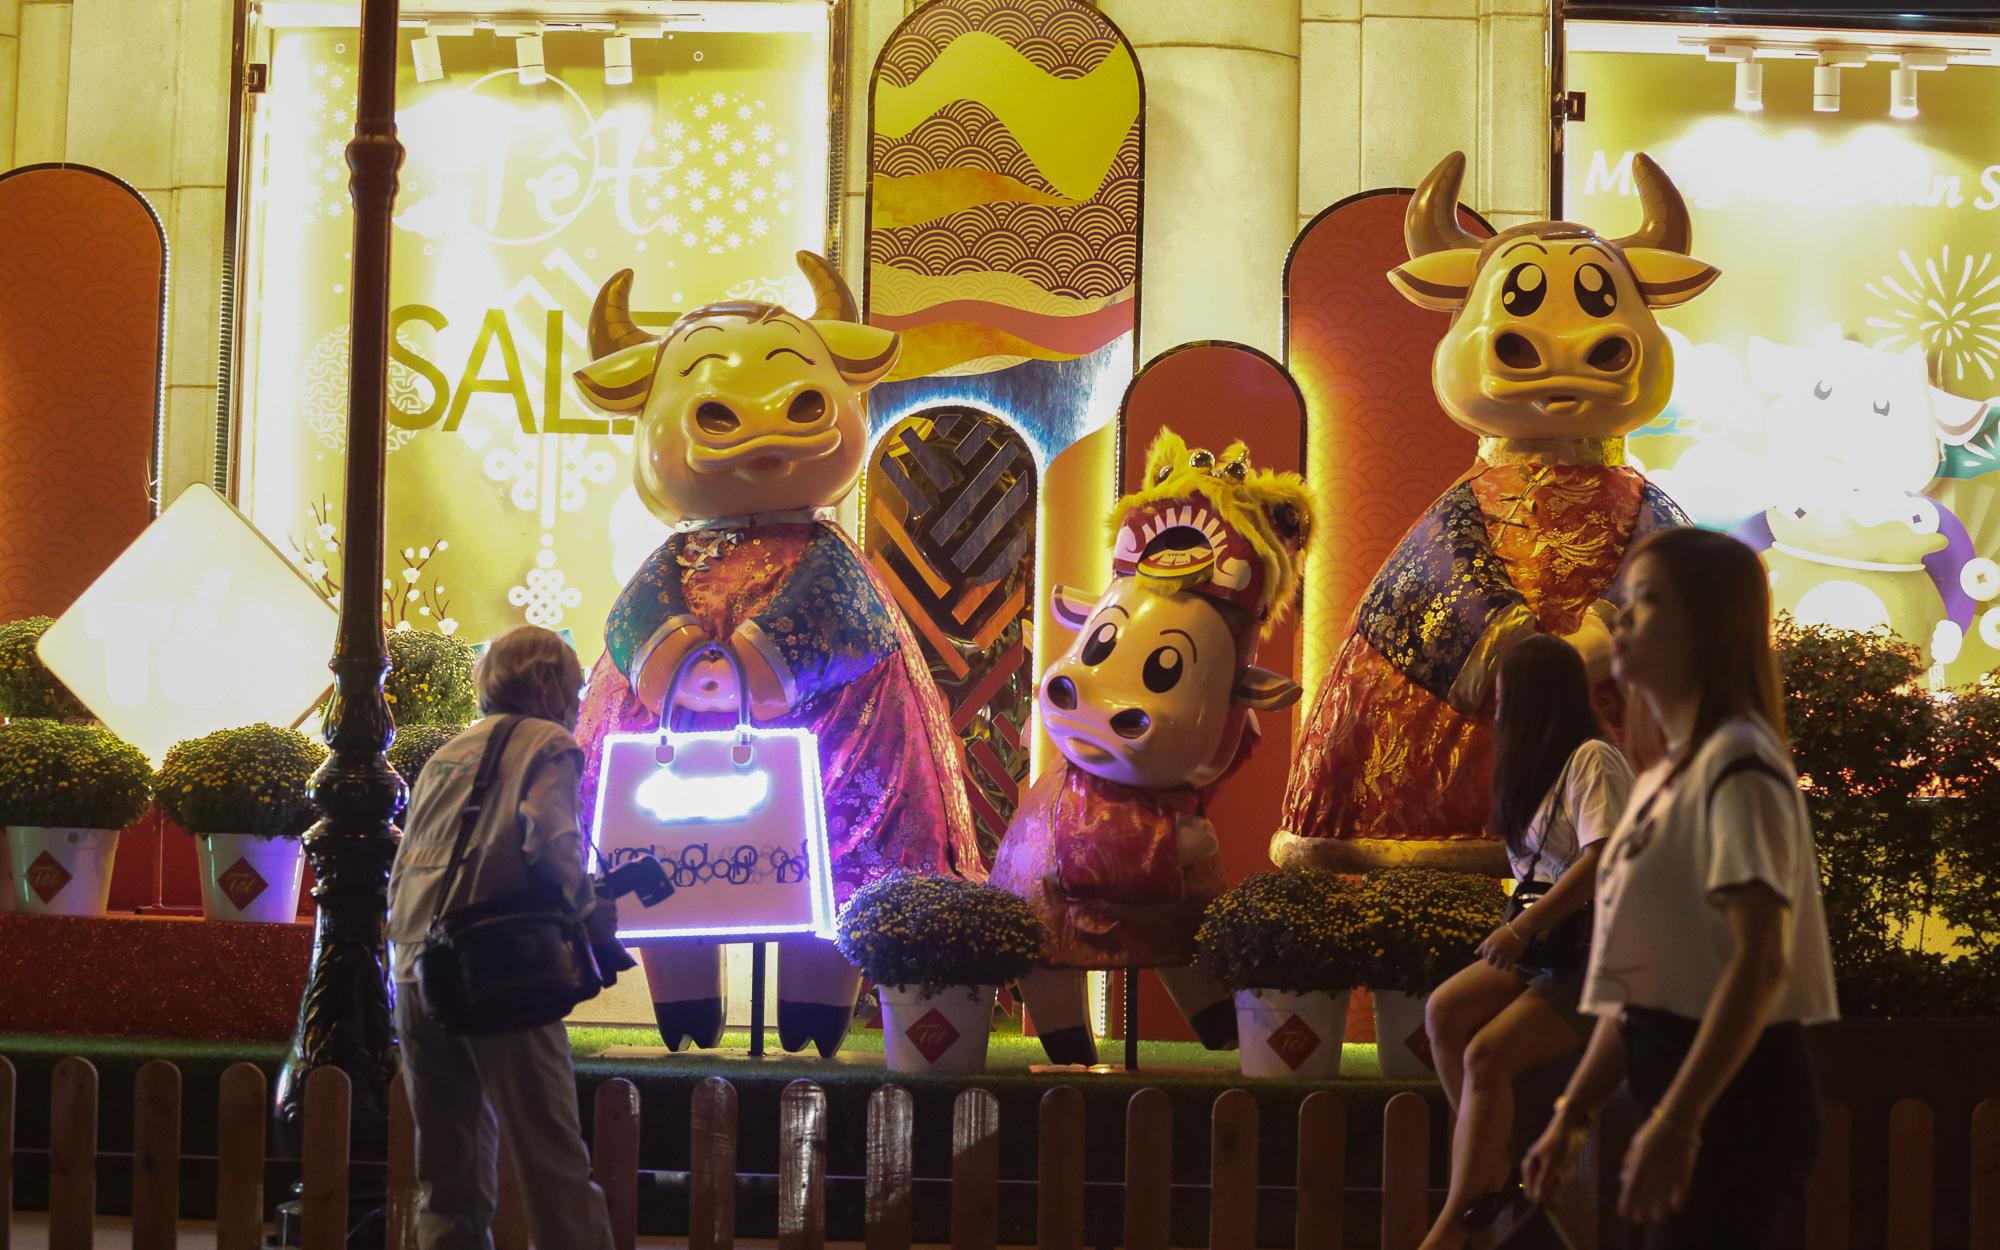 Gia đình trâu ngộ nghĩnh xuống phố Sài Gòn đón Tết Tân Sửu 2021 khiến nhiều người thích thú